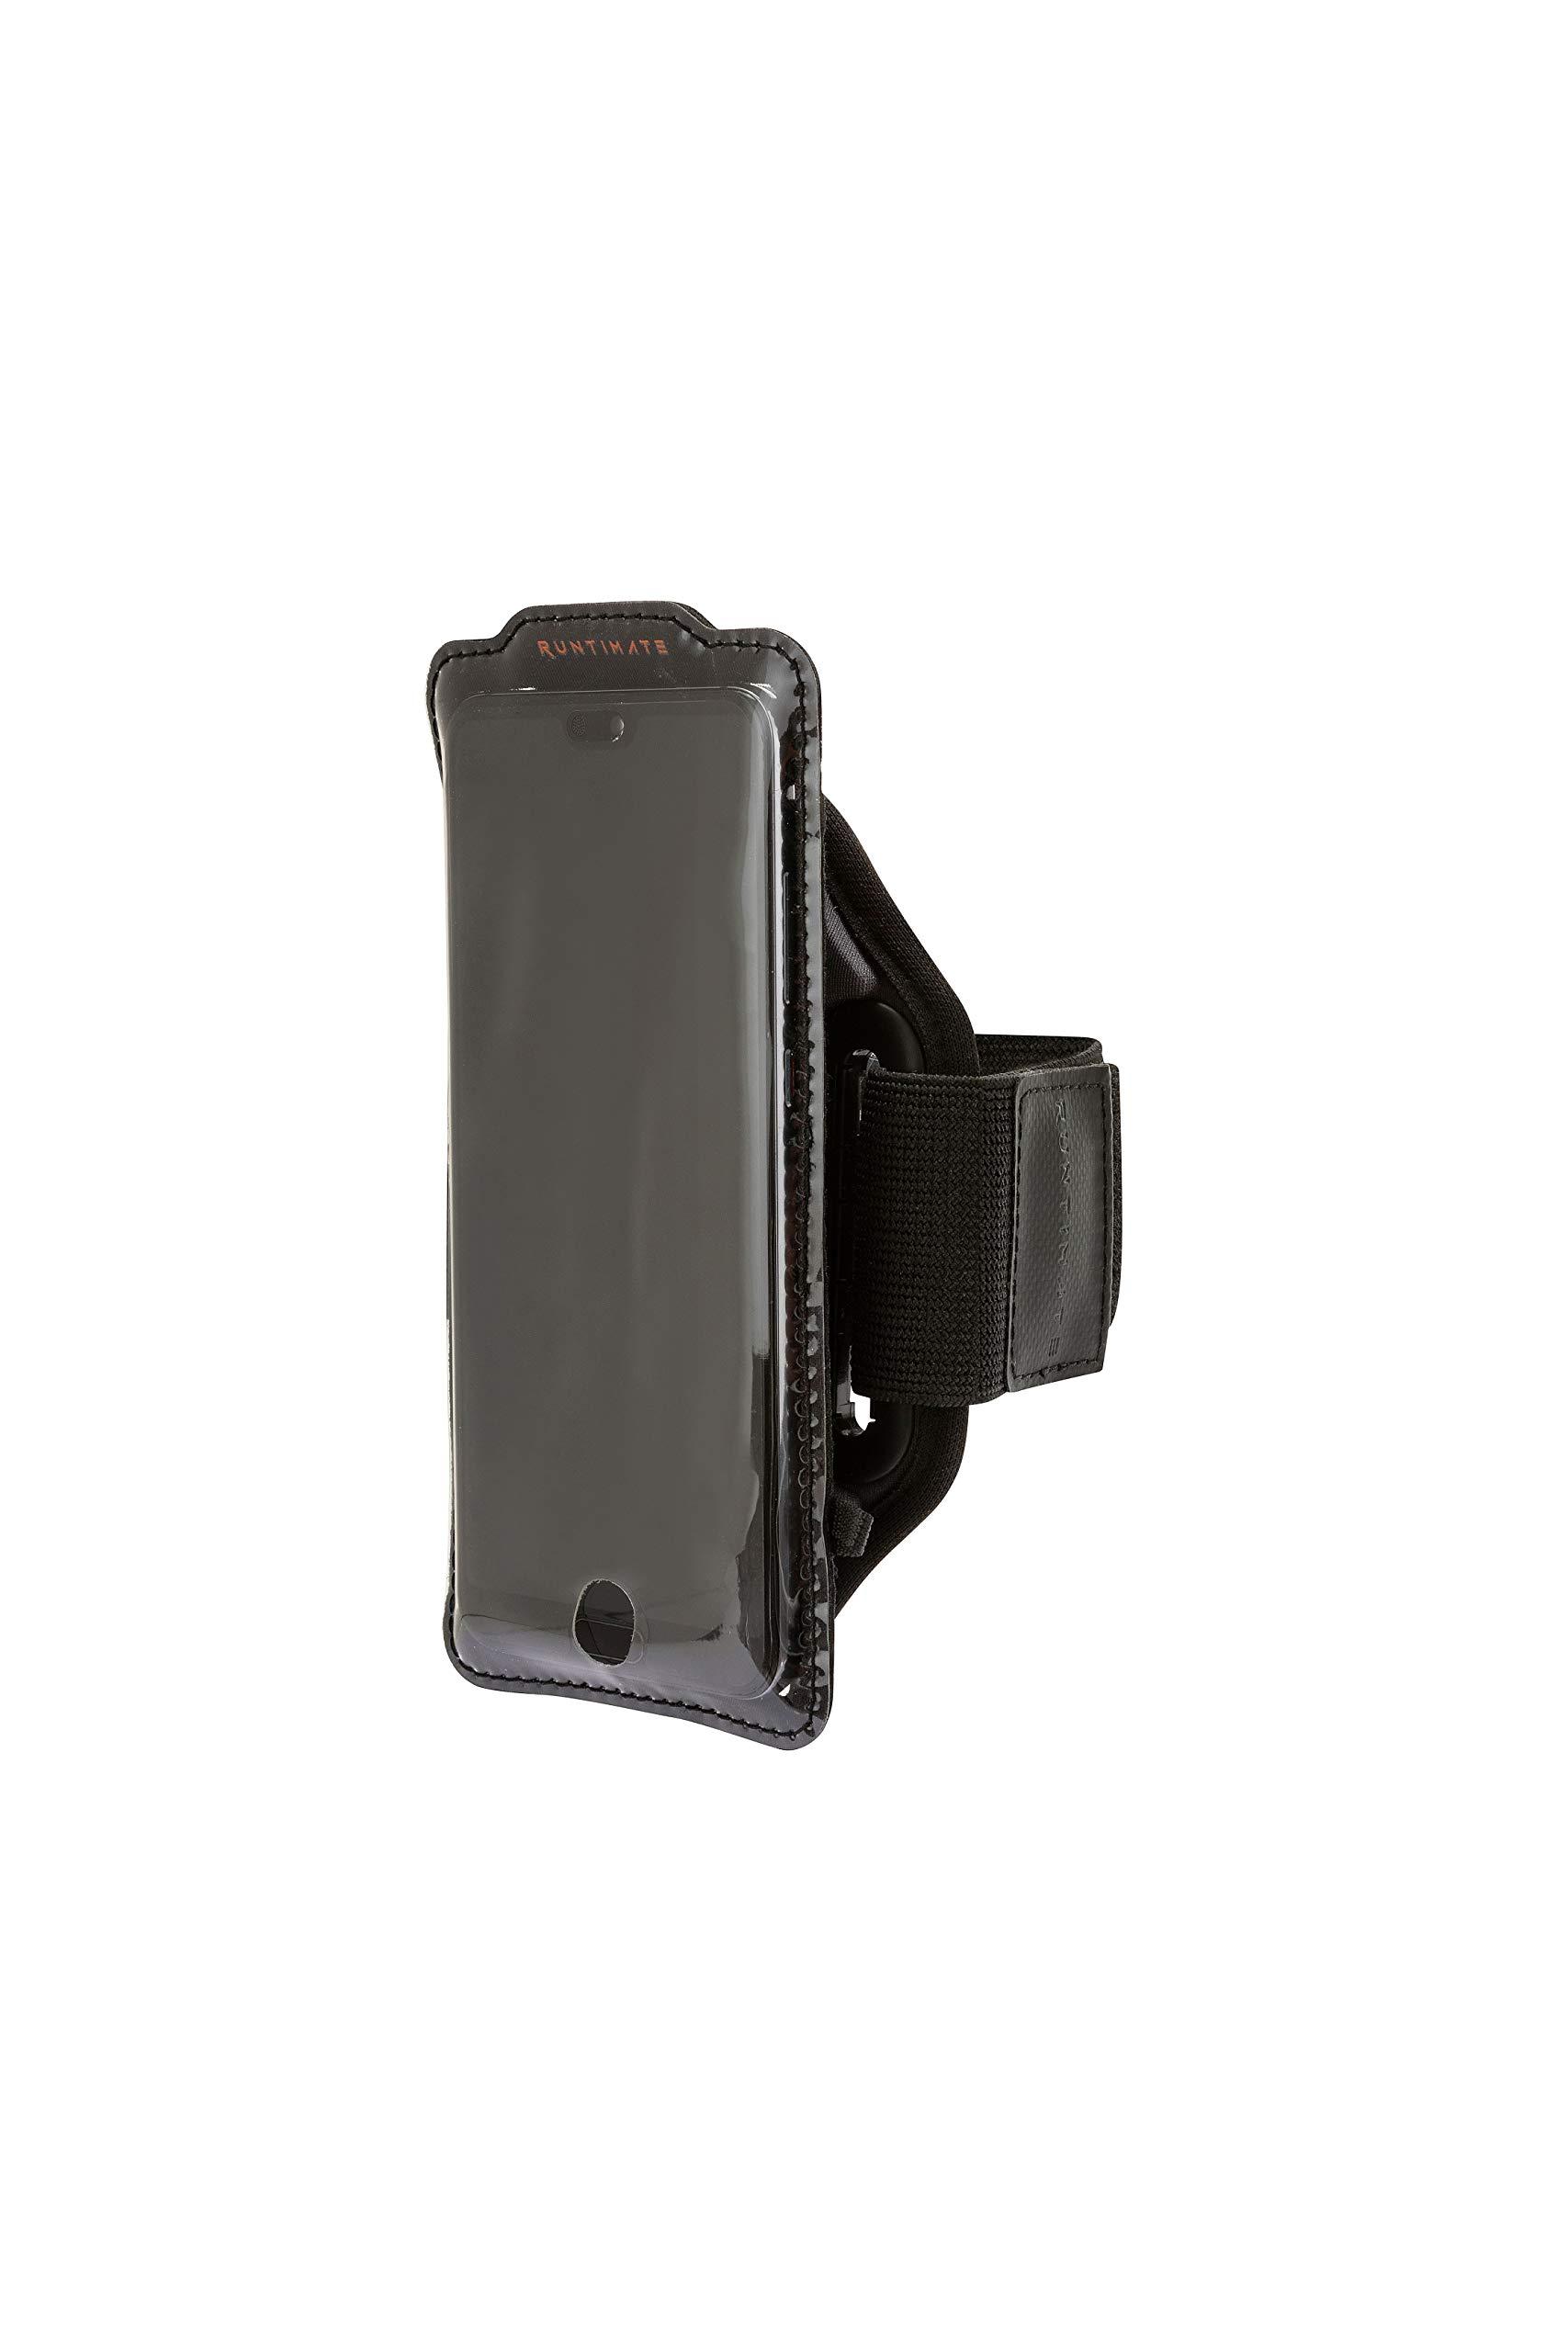 U-Run - Brazalete Deportivo magnético Universal para Smartphone, Compatible con iPhone, Samsung, Huawei, Armband, Desmontable, con Carcasa de 4,7-5,5 Pulgadas: Amazon.es: Electrónica